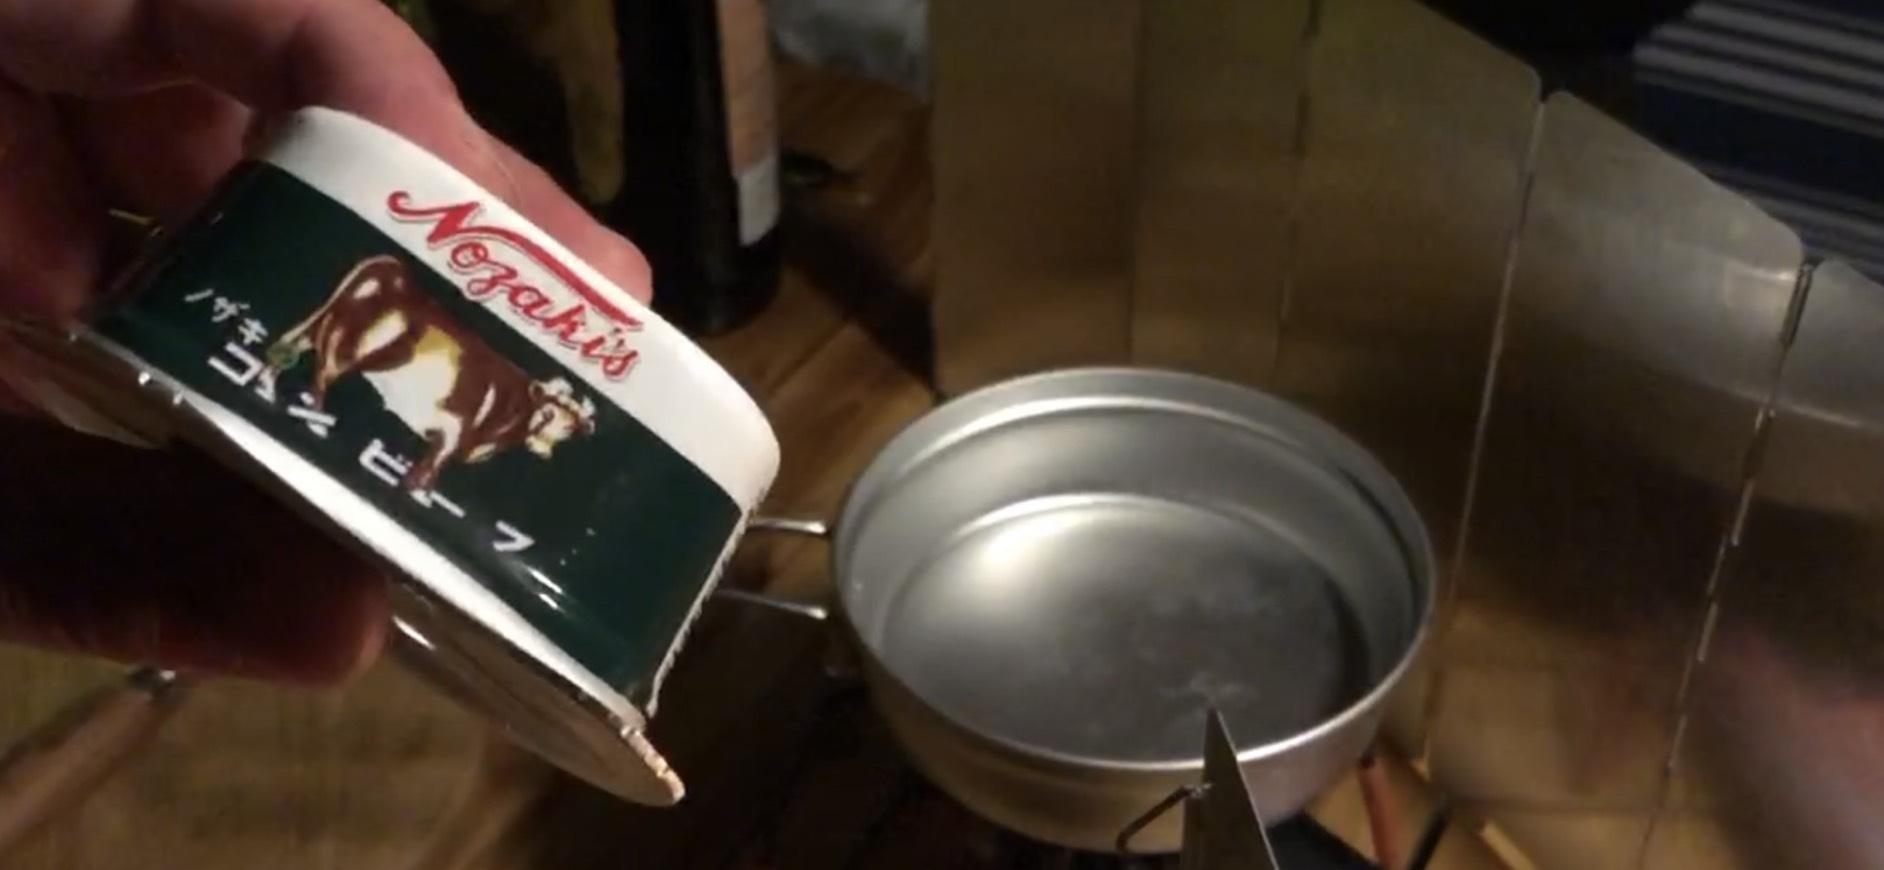 corned beef cooker